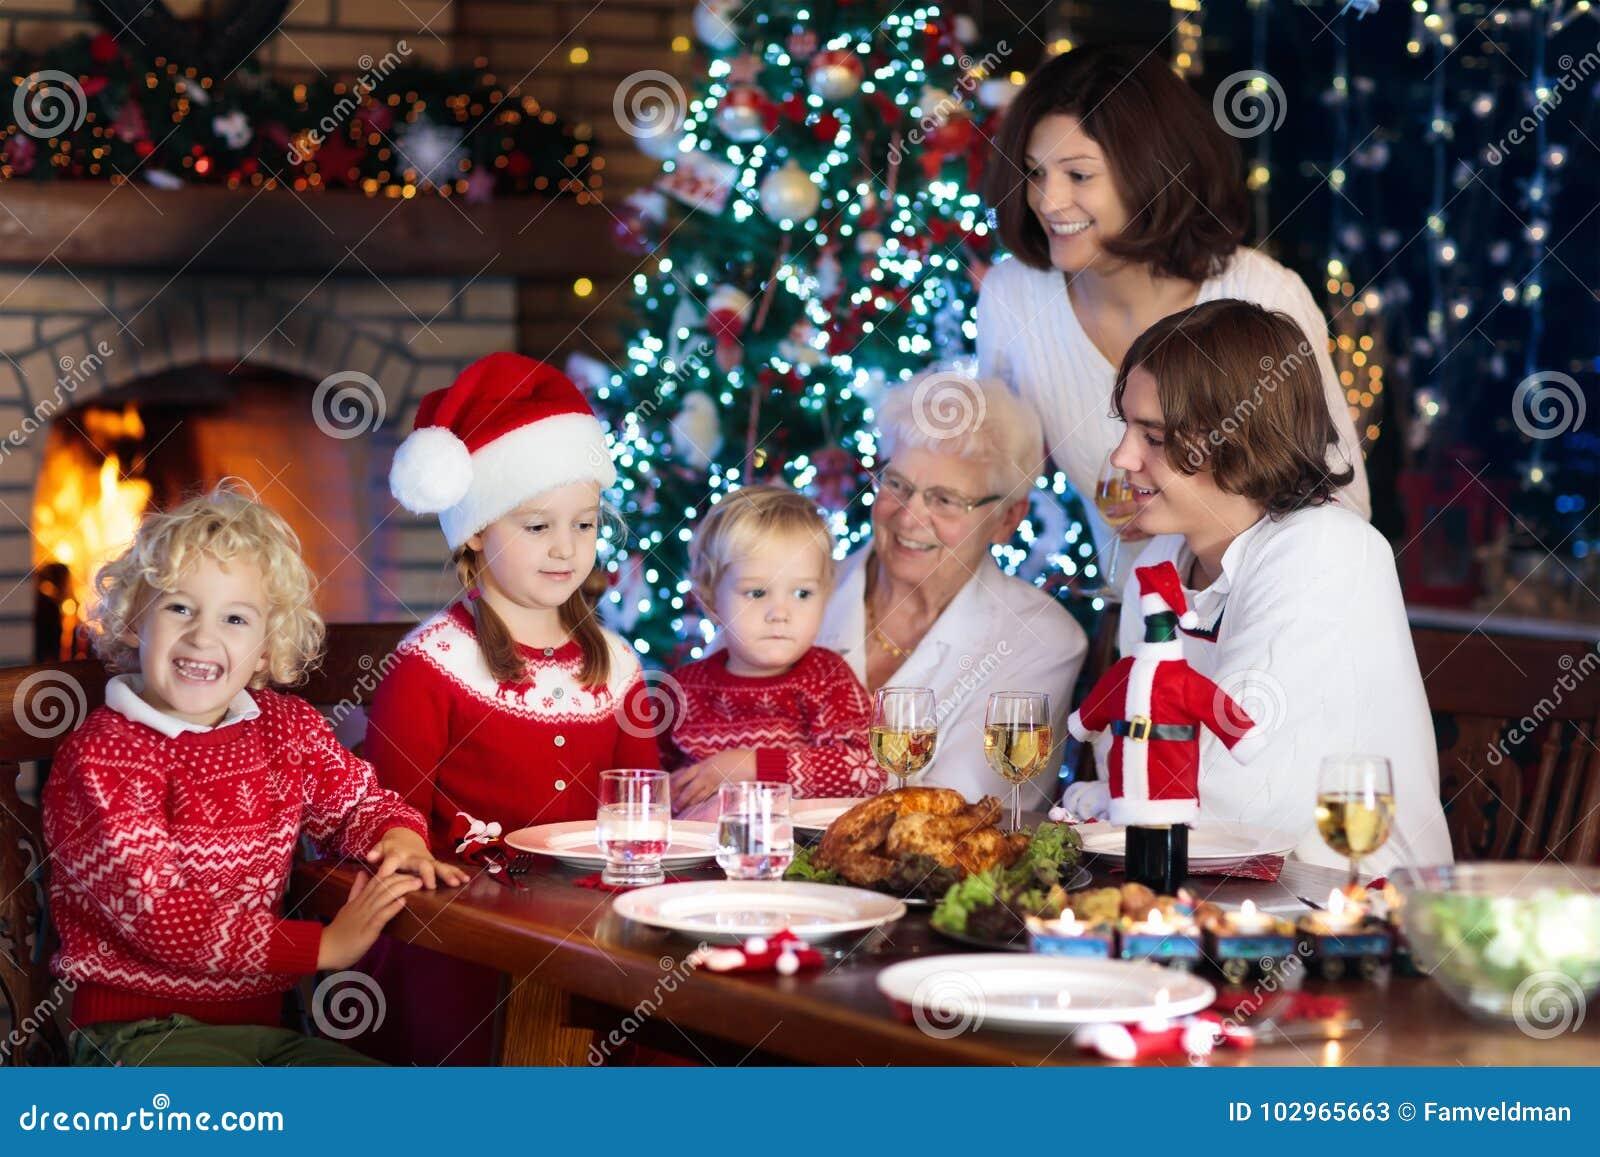 Weihnachtsfeier Zu Hause Ideen.Neue Ideen Das Haus Zu Verzieren Dieses Weihnachten Familie Mit